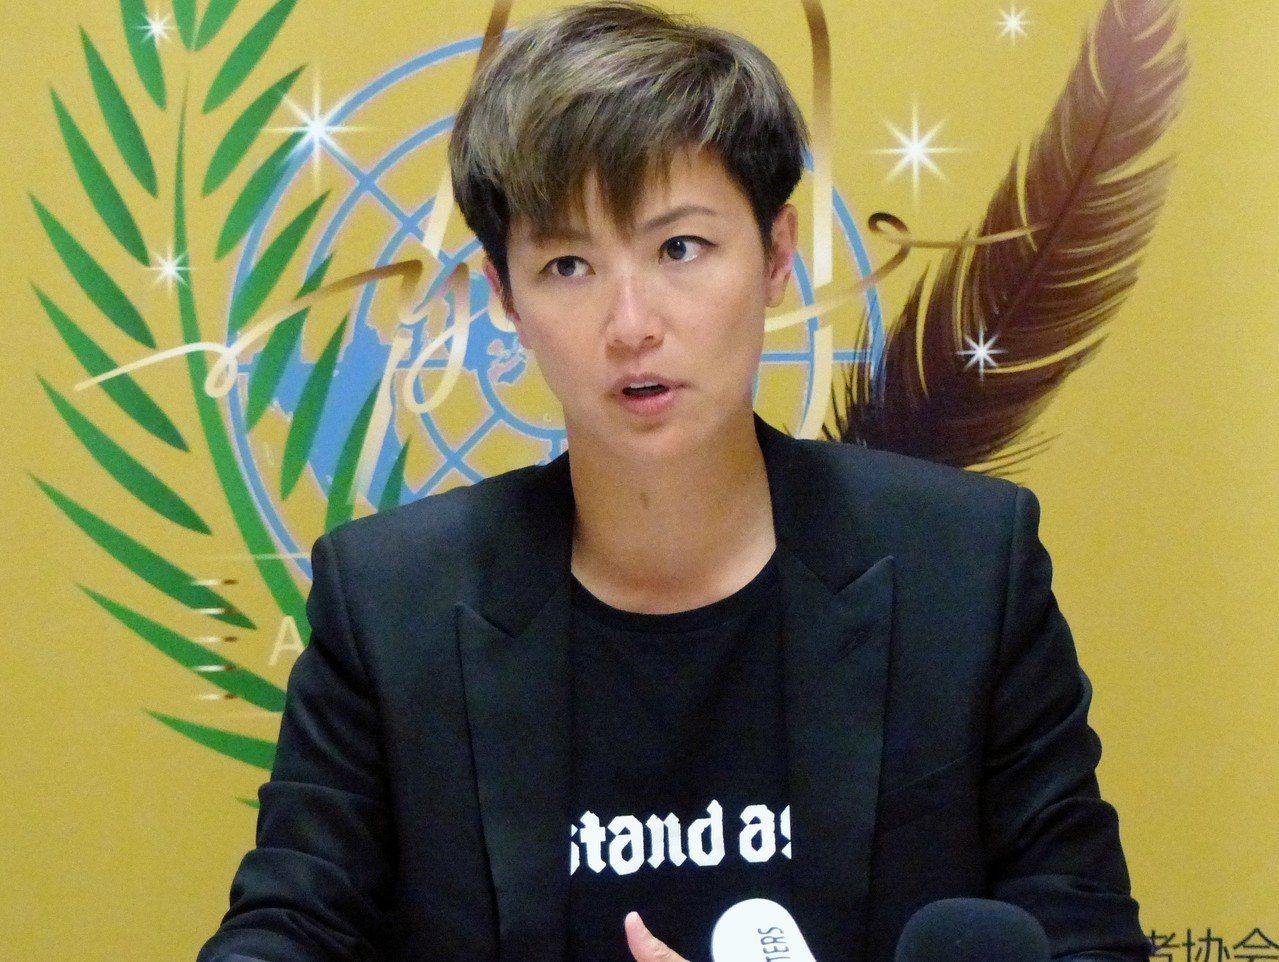 香港藝人何韻詩8日在聯合國人權理事會對「反送中」事件發言。美聯社